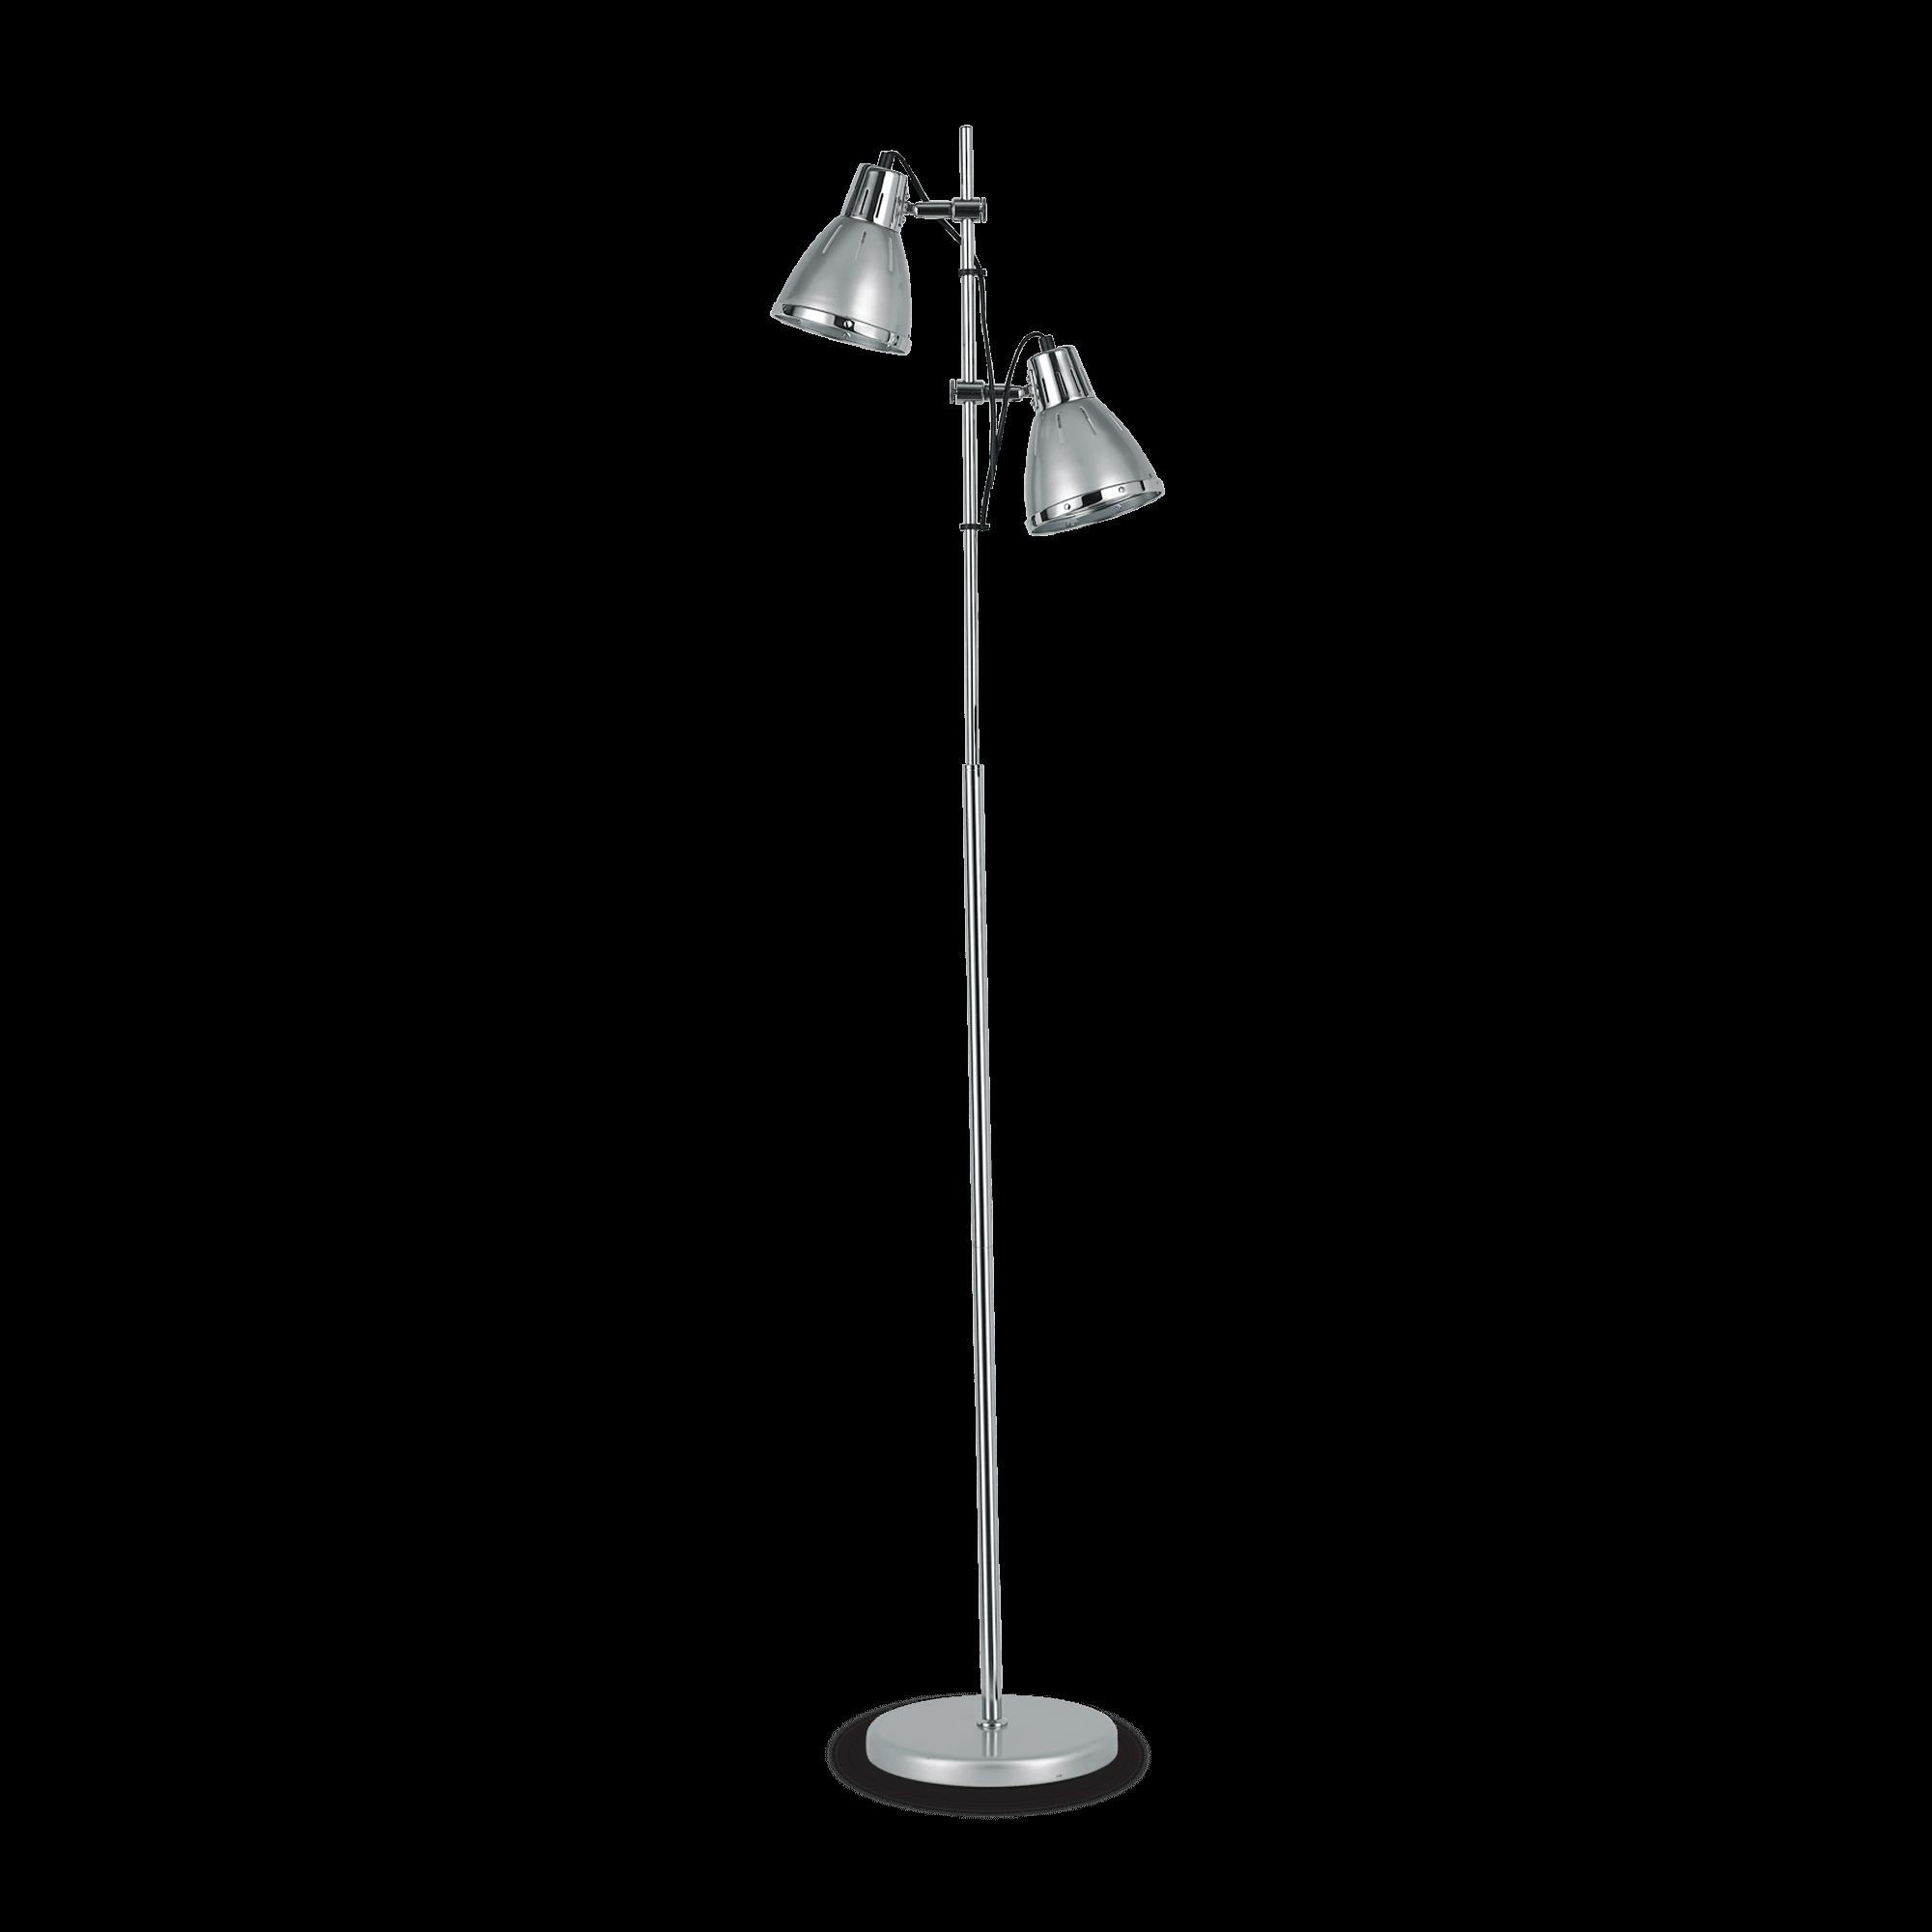 Ideal Lux 042794 Elvis PT2 Argento állólámpa